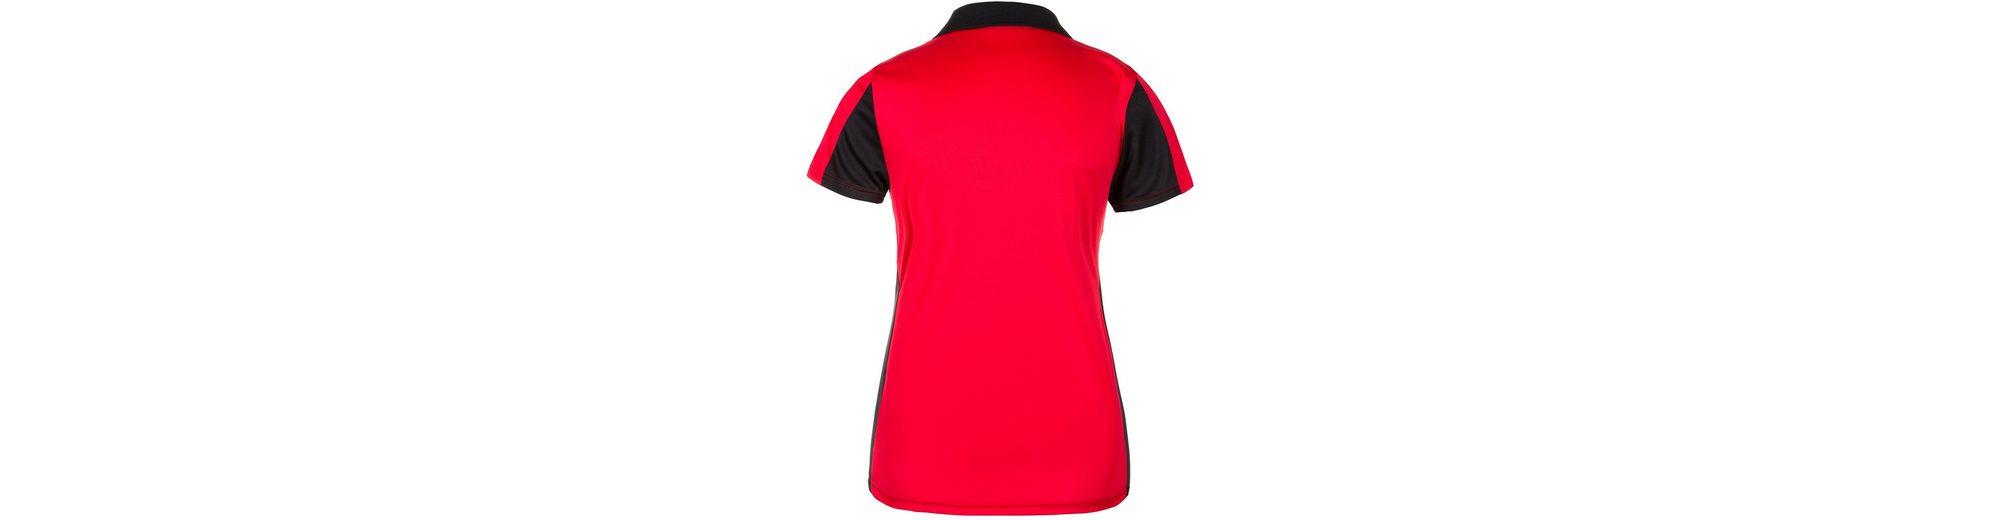 ERIMA 5-CUBES Poloshirt Damen Freies Verschiffen Günstig Online oSusCMKC